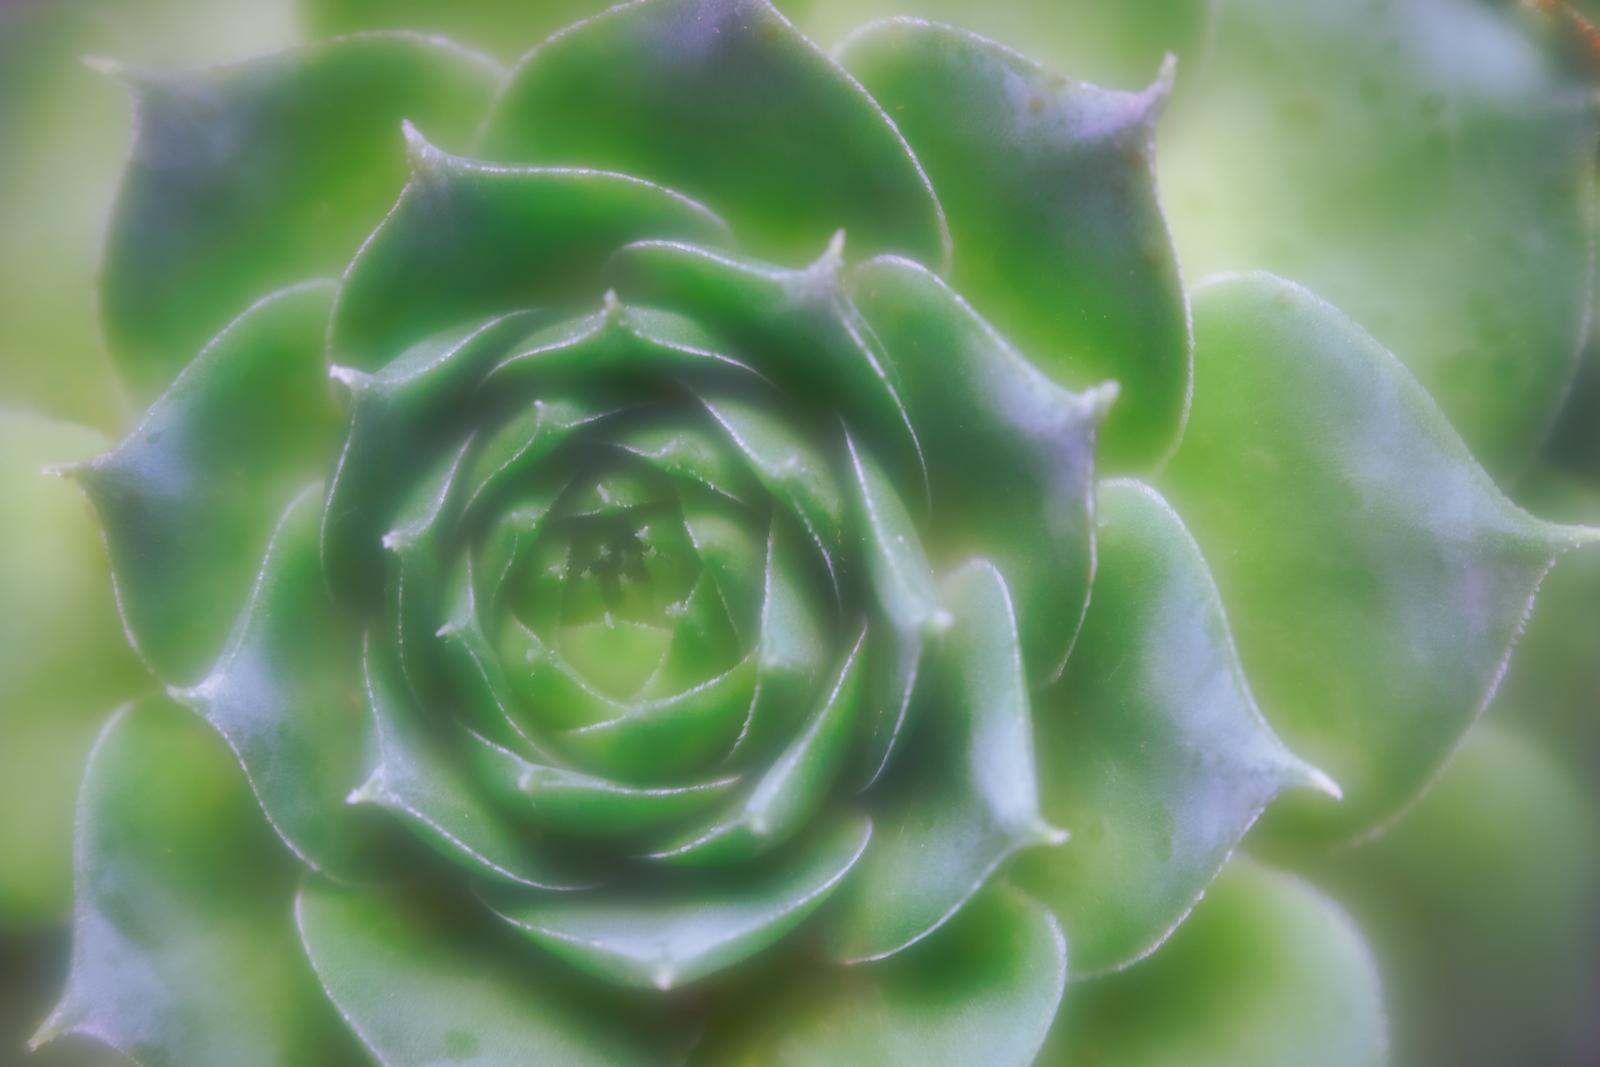 IMAGE: https://photos.smugmug.com/photos/i-PthPh6p/0/5d27d611/X3/i-PthPh6p-X3.jpg